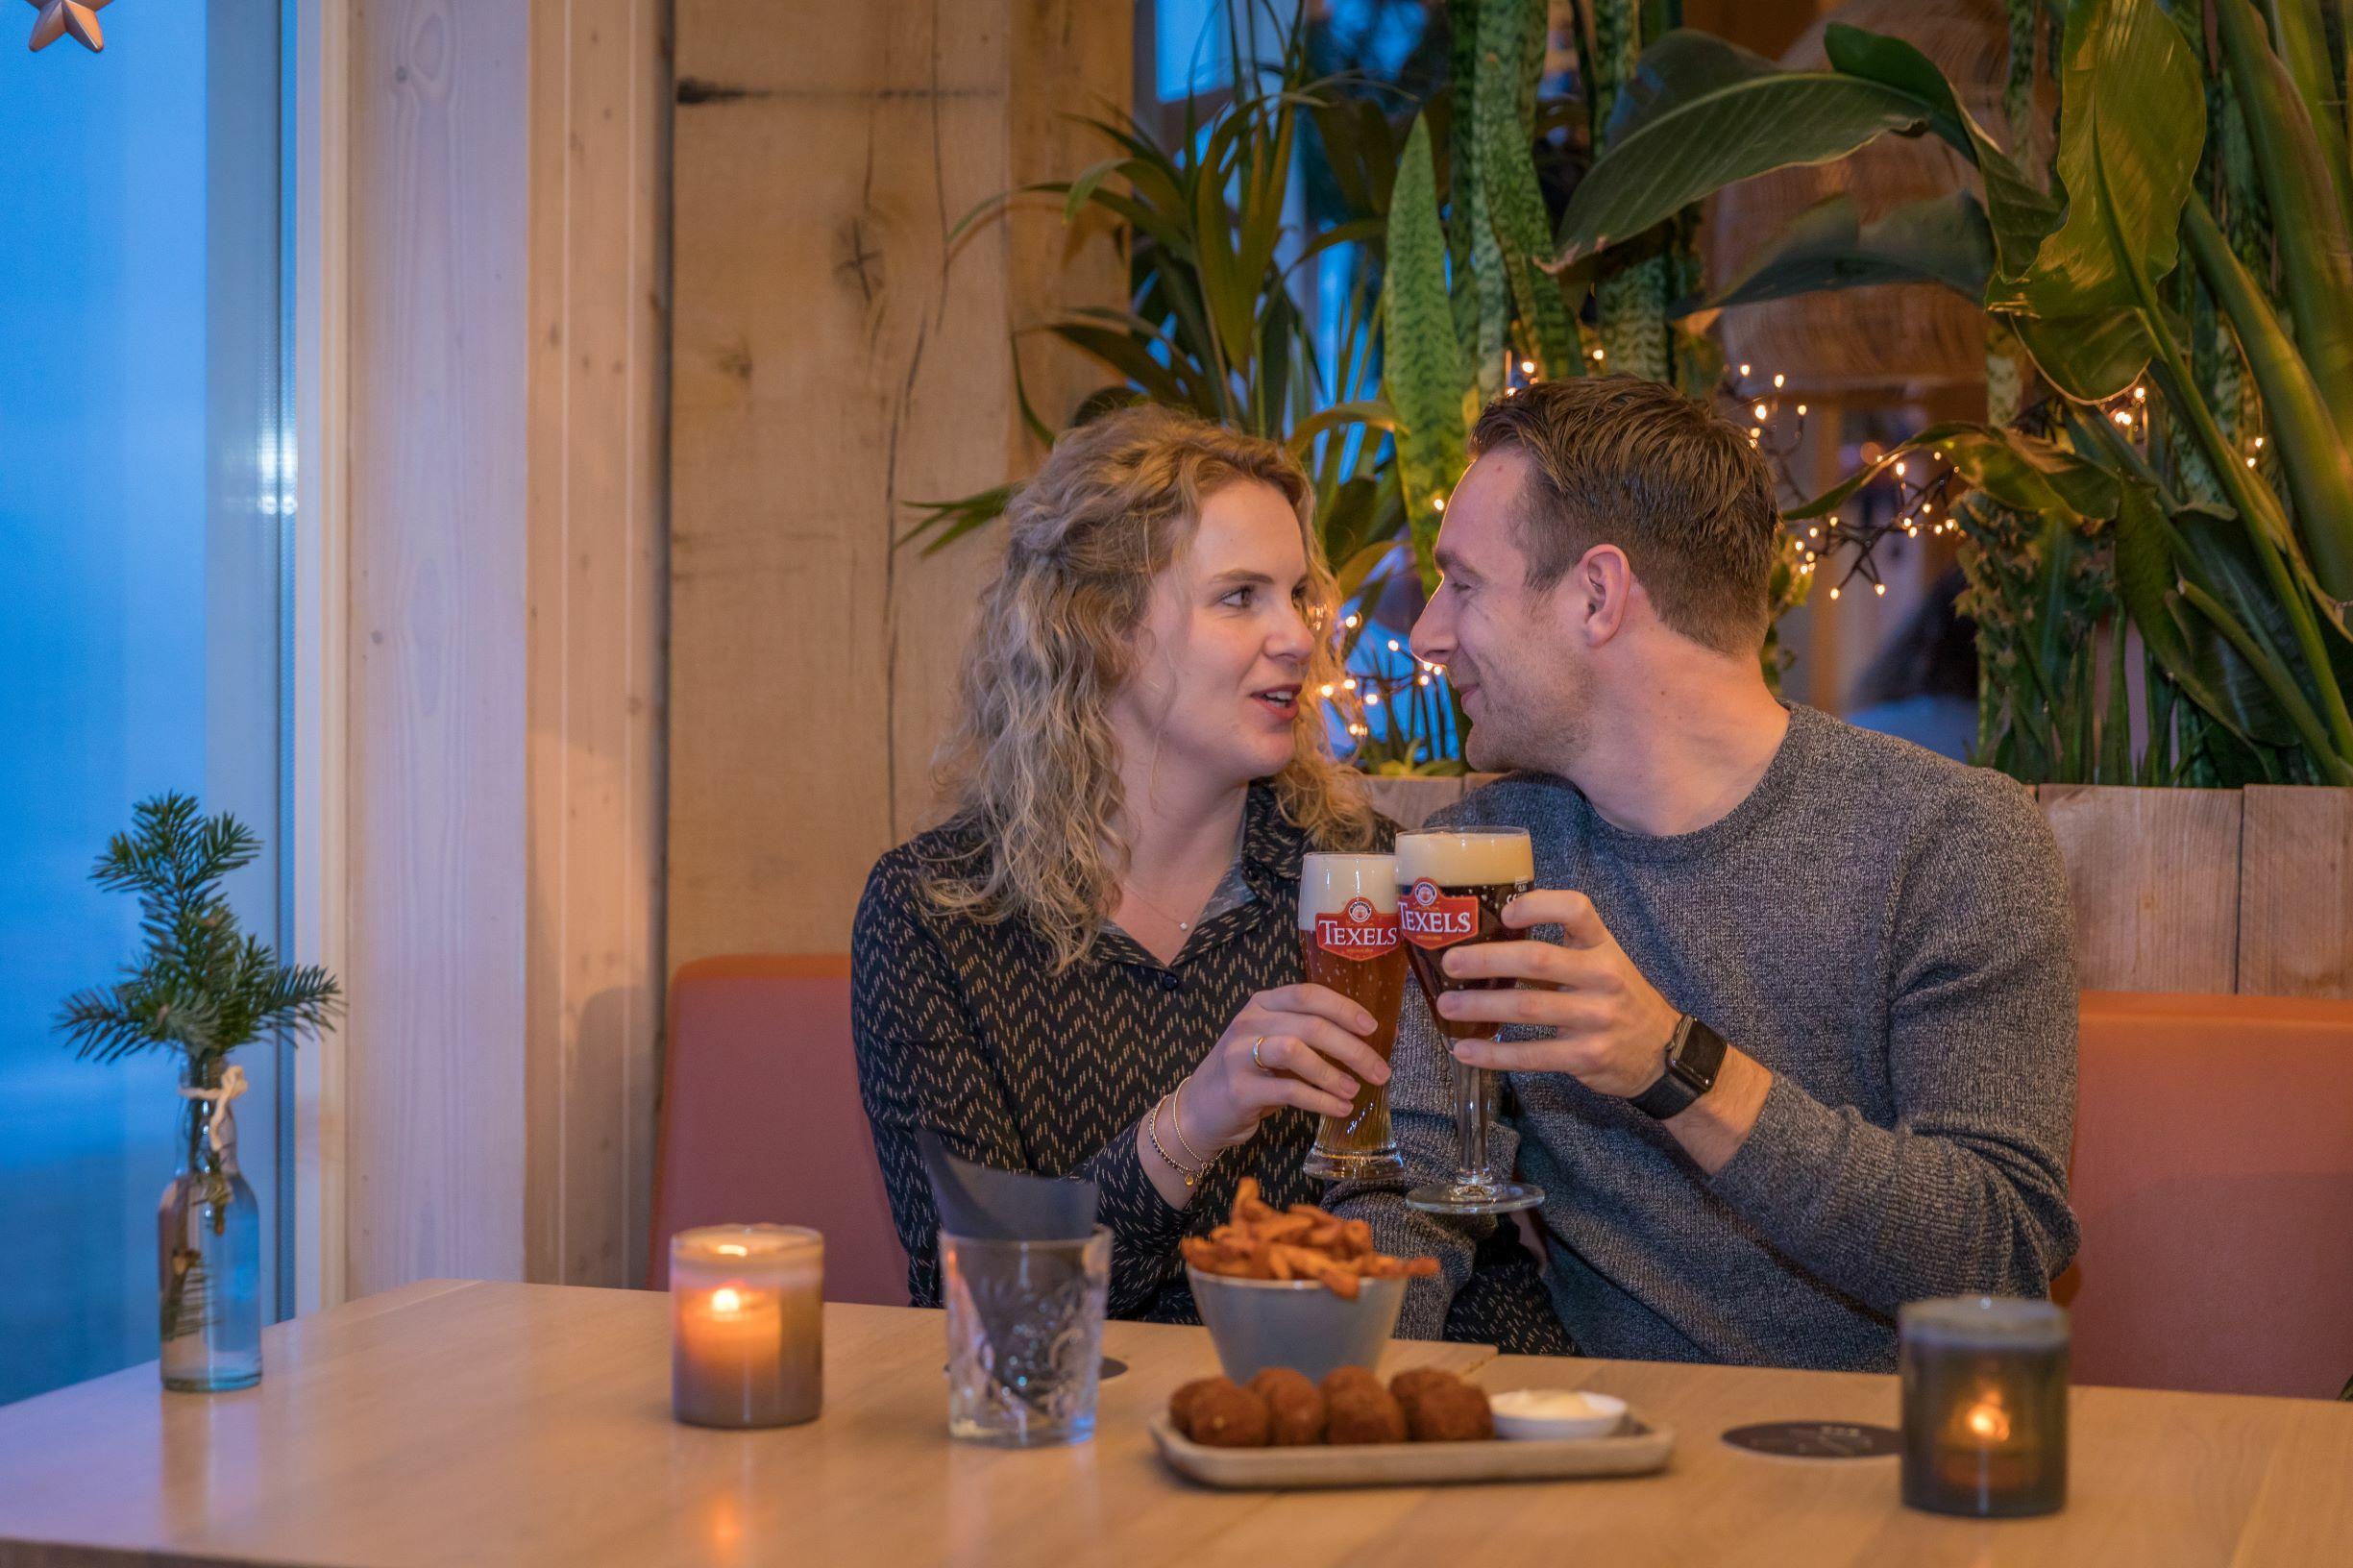 Stel met Texels bier bij Gastropaviljoen XV VVV Texel fotograaf Evalien Weterings 3